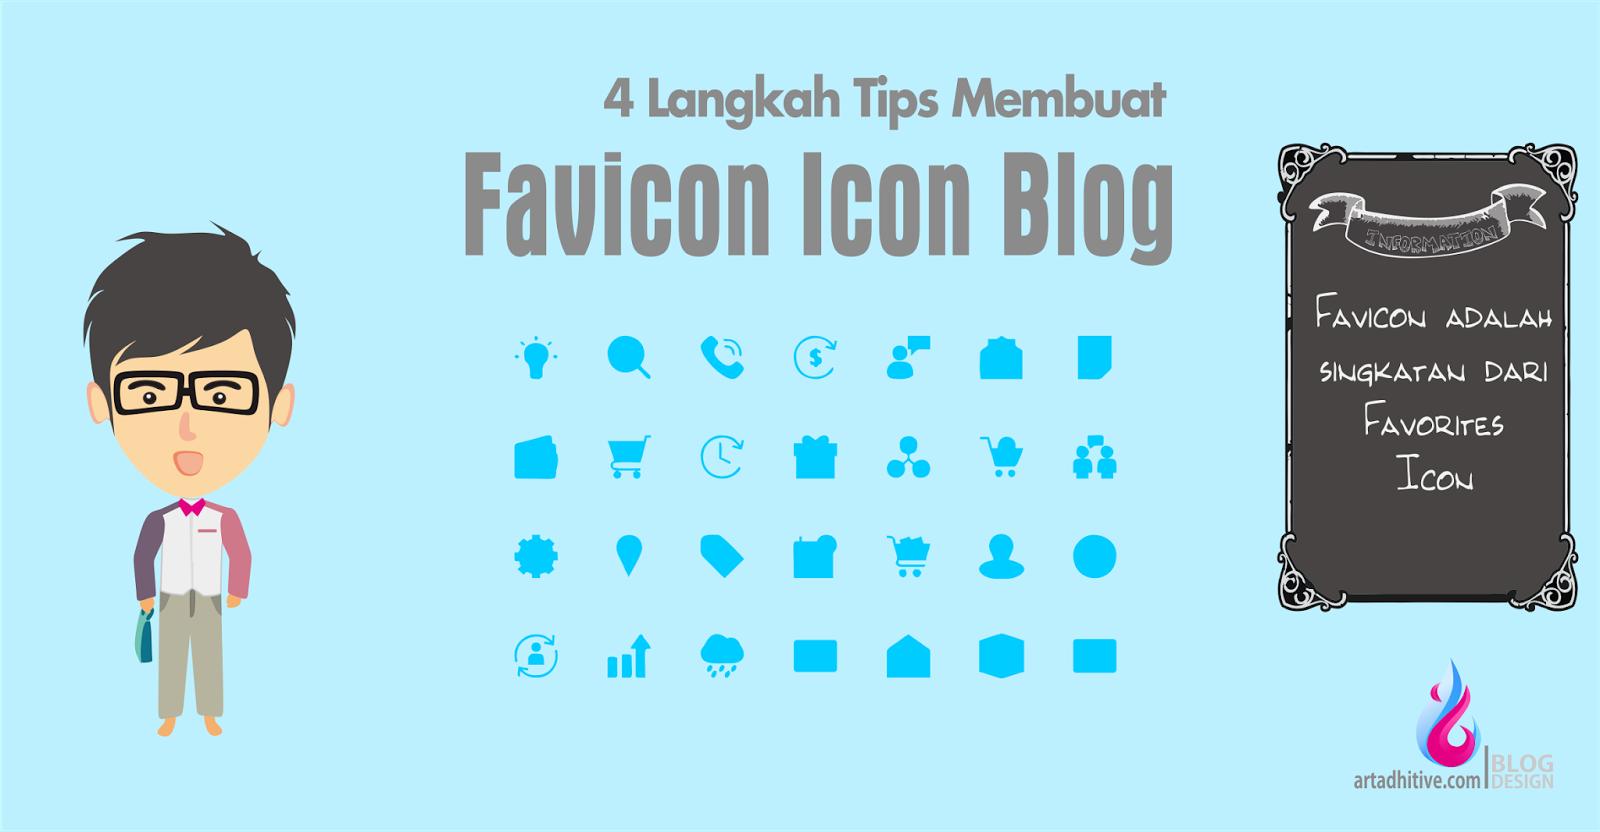 4 Langkah membuat Blog